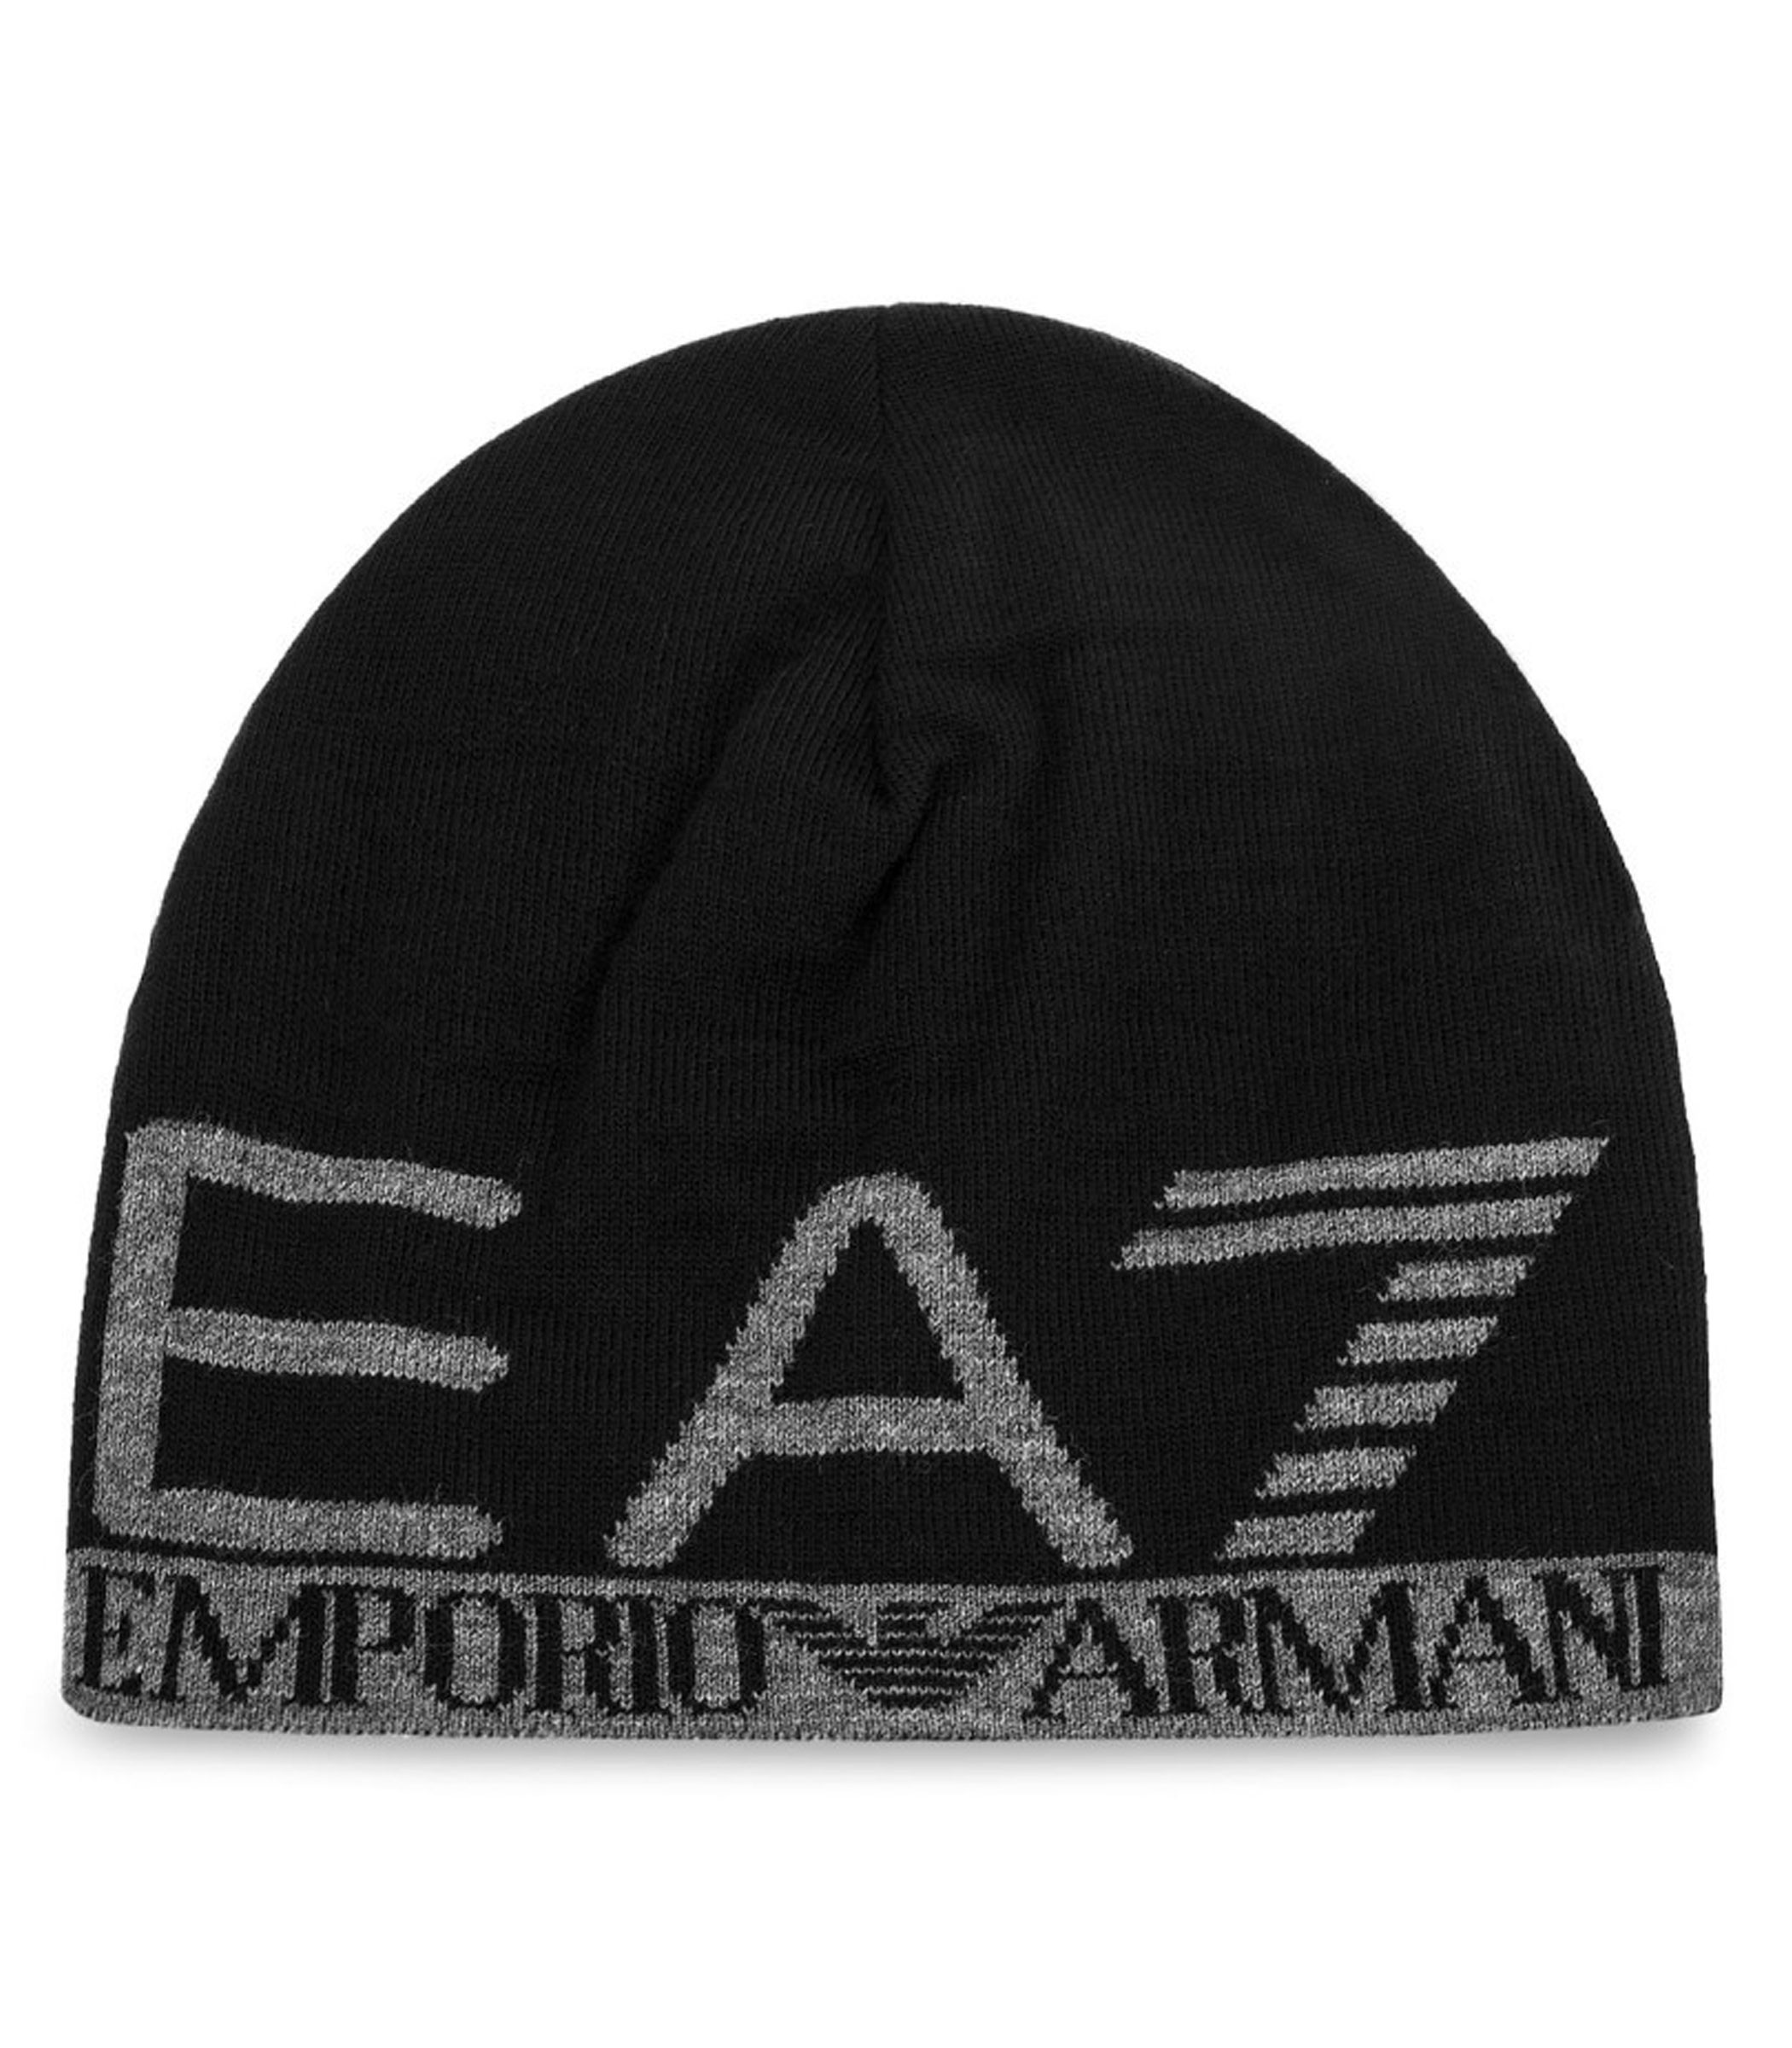 Berretto EA7 Emporio Armani da uomo rif. 275560 8A301 8274aa0129a3